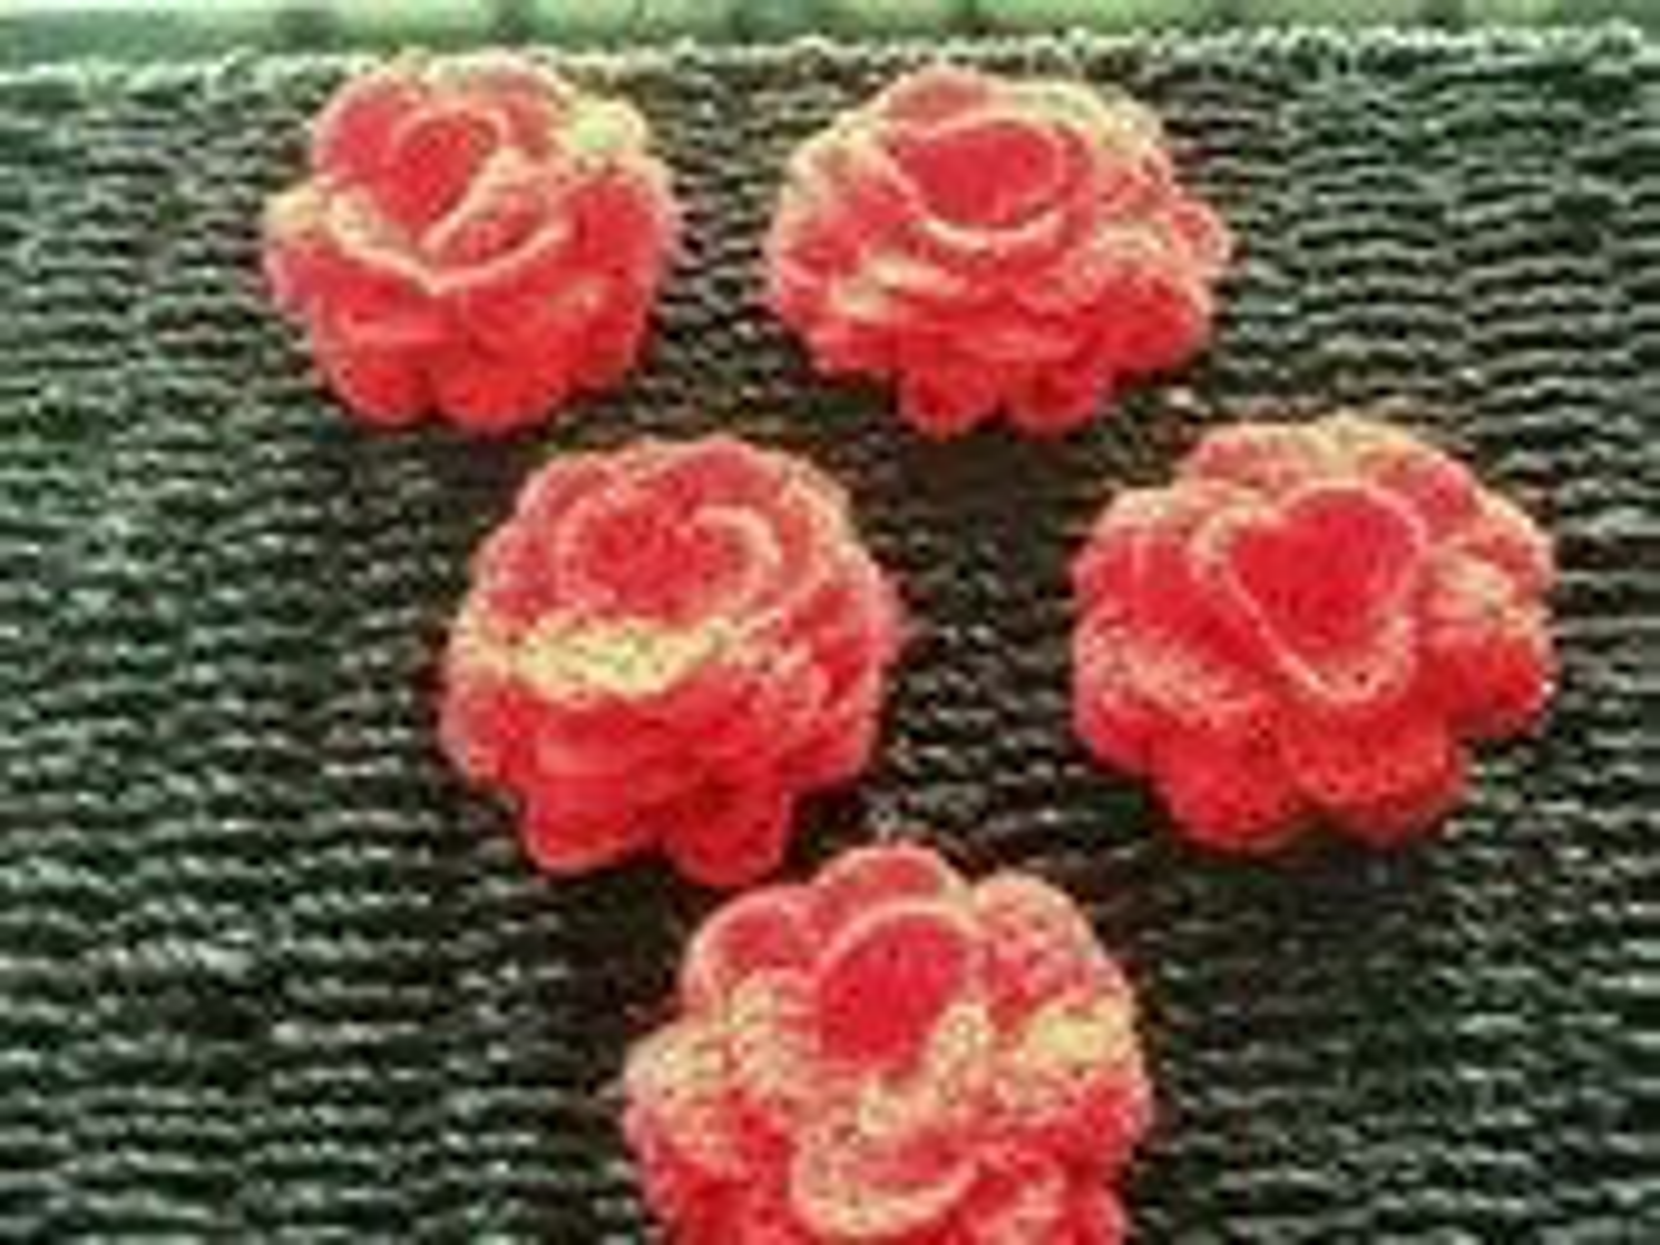 5 Red Crochet Roses